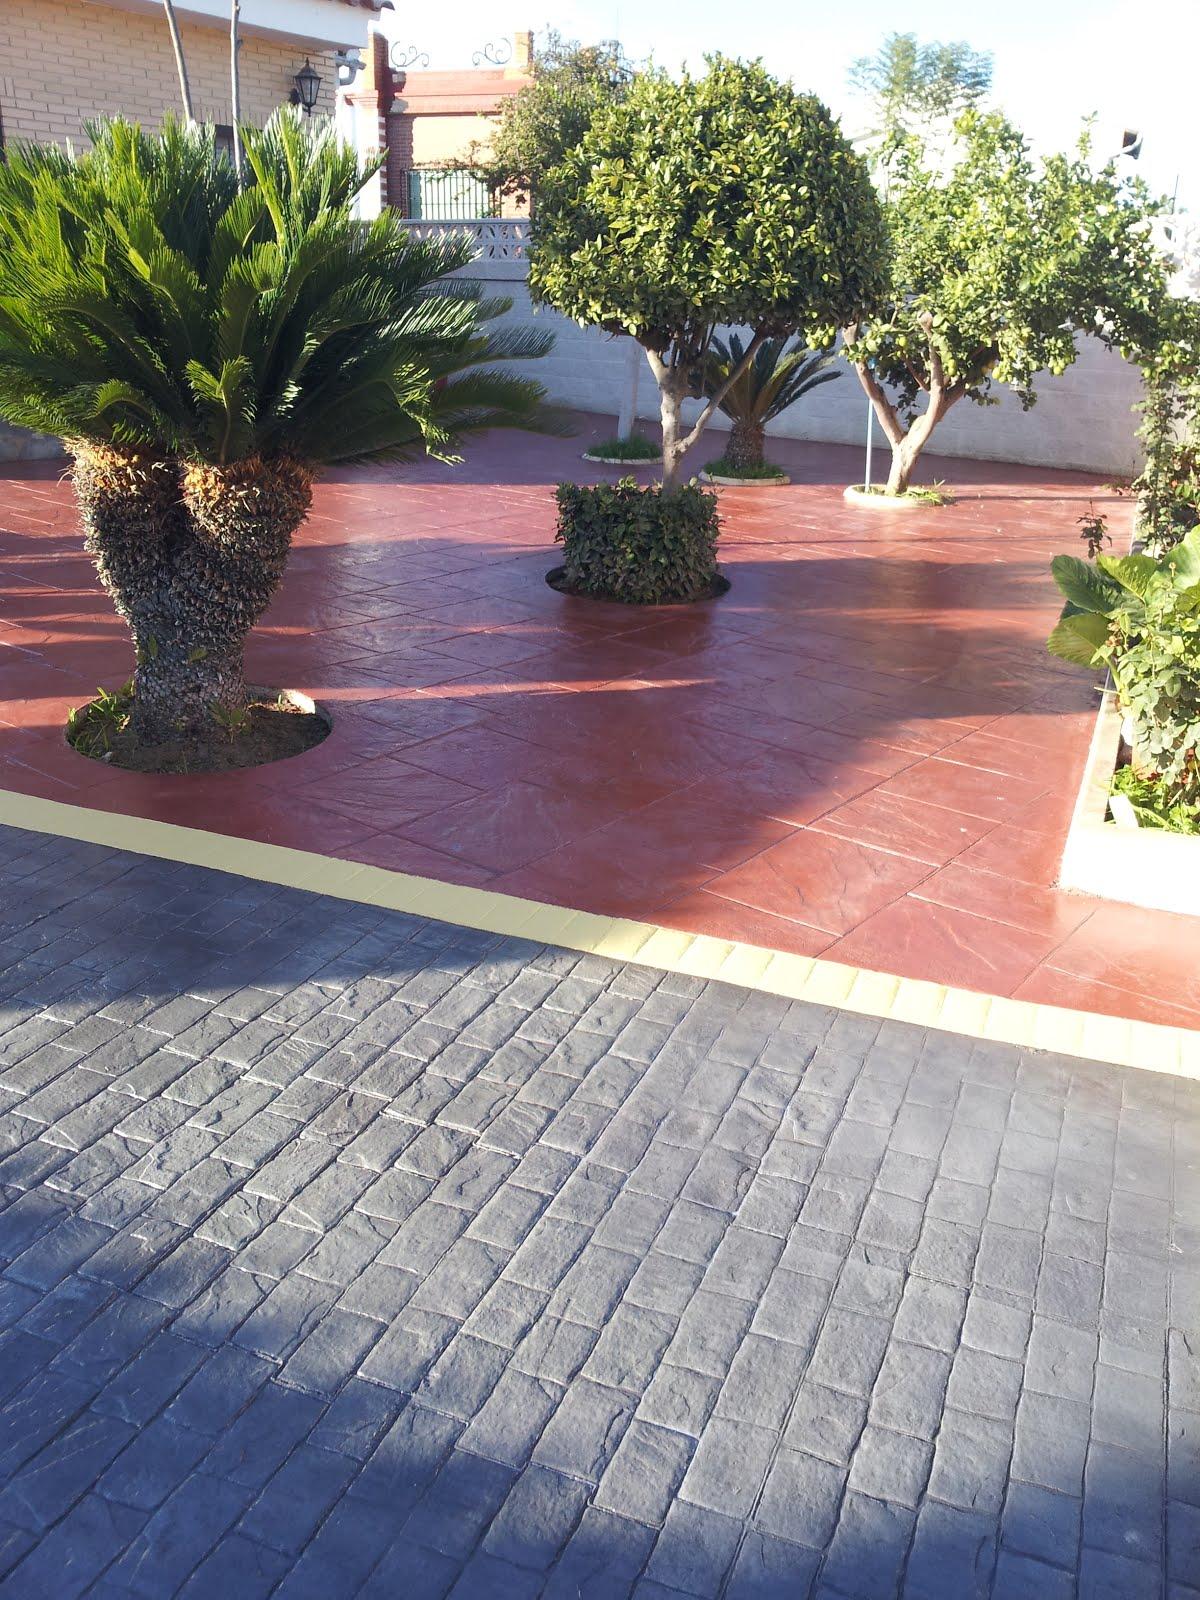 Hormigon impreso villena cemento impreso en villena for Cemento estampado precio